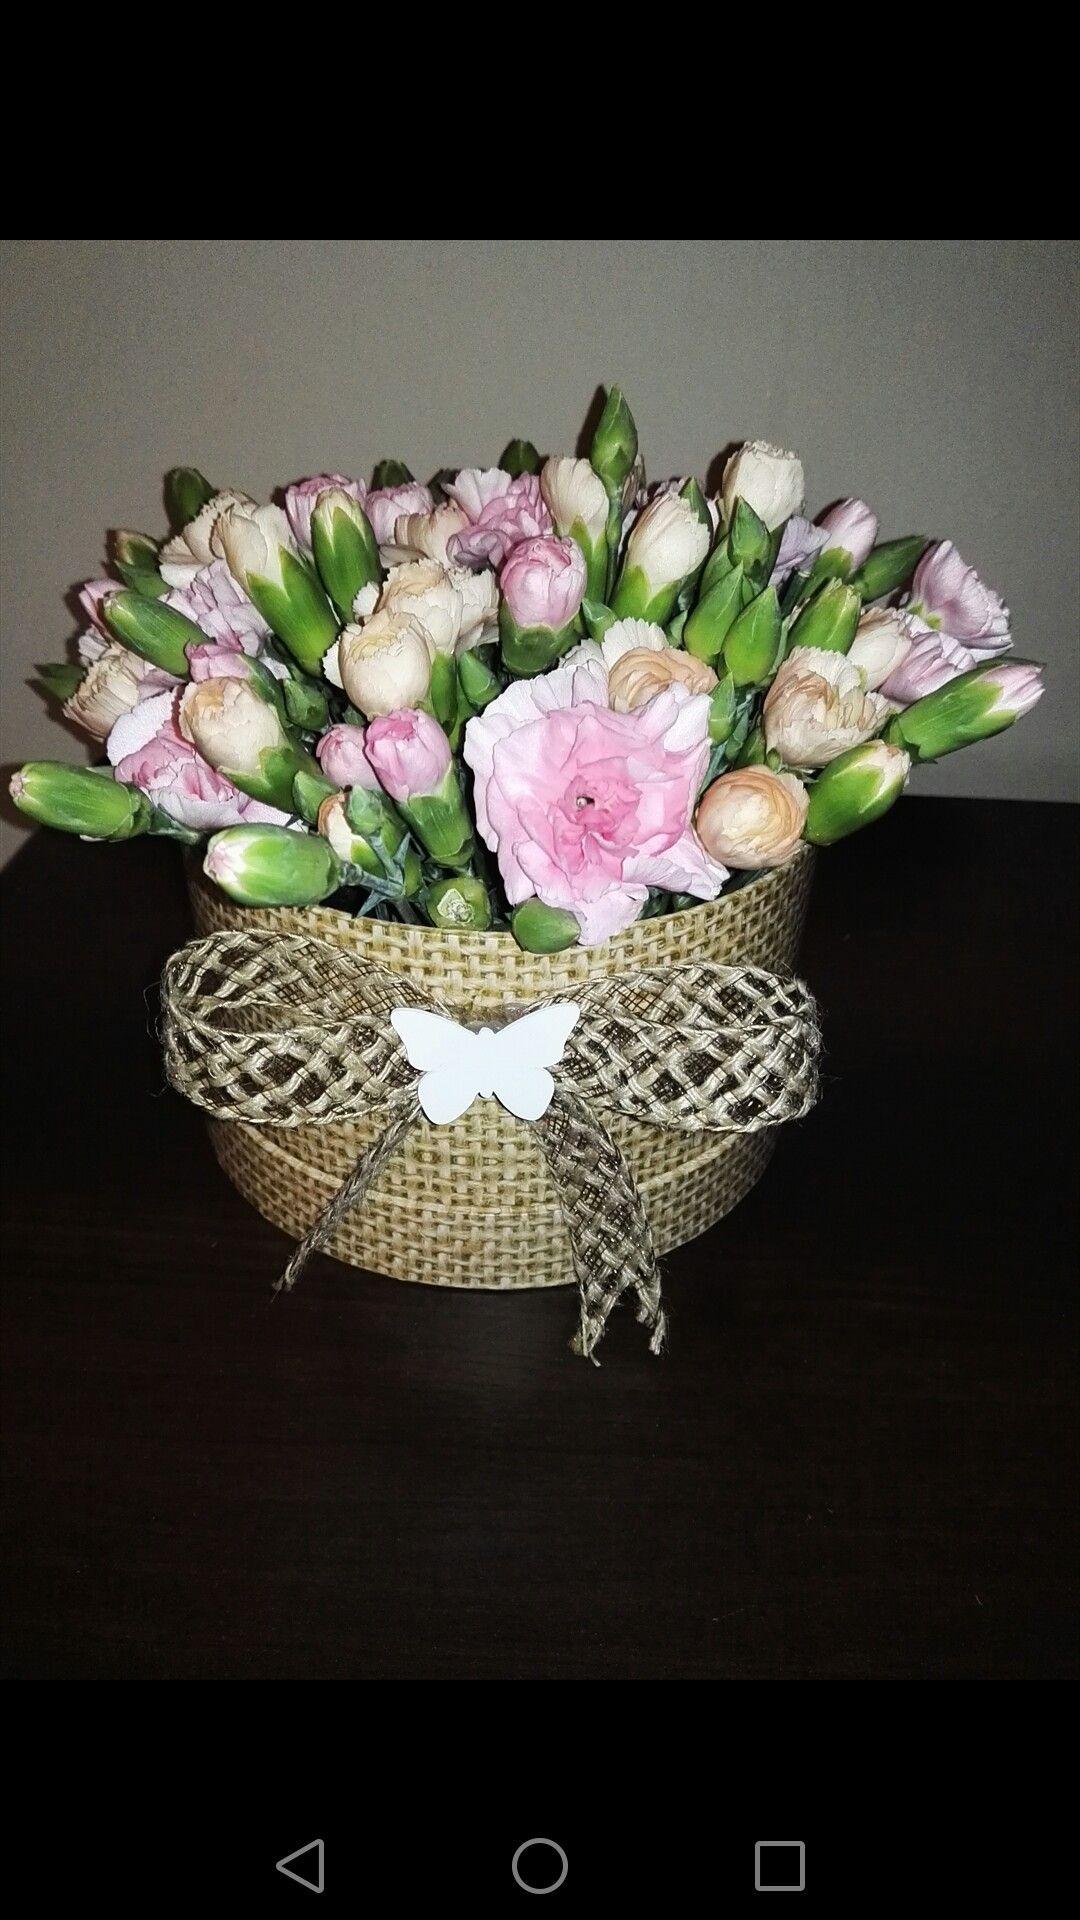 Home Made Flower Box Kwiaty W Pudelku Pomysl Na Bukiet Nowosc Crown Jewelry Jewelry